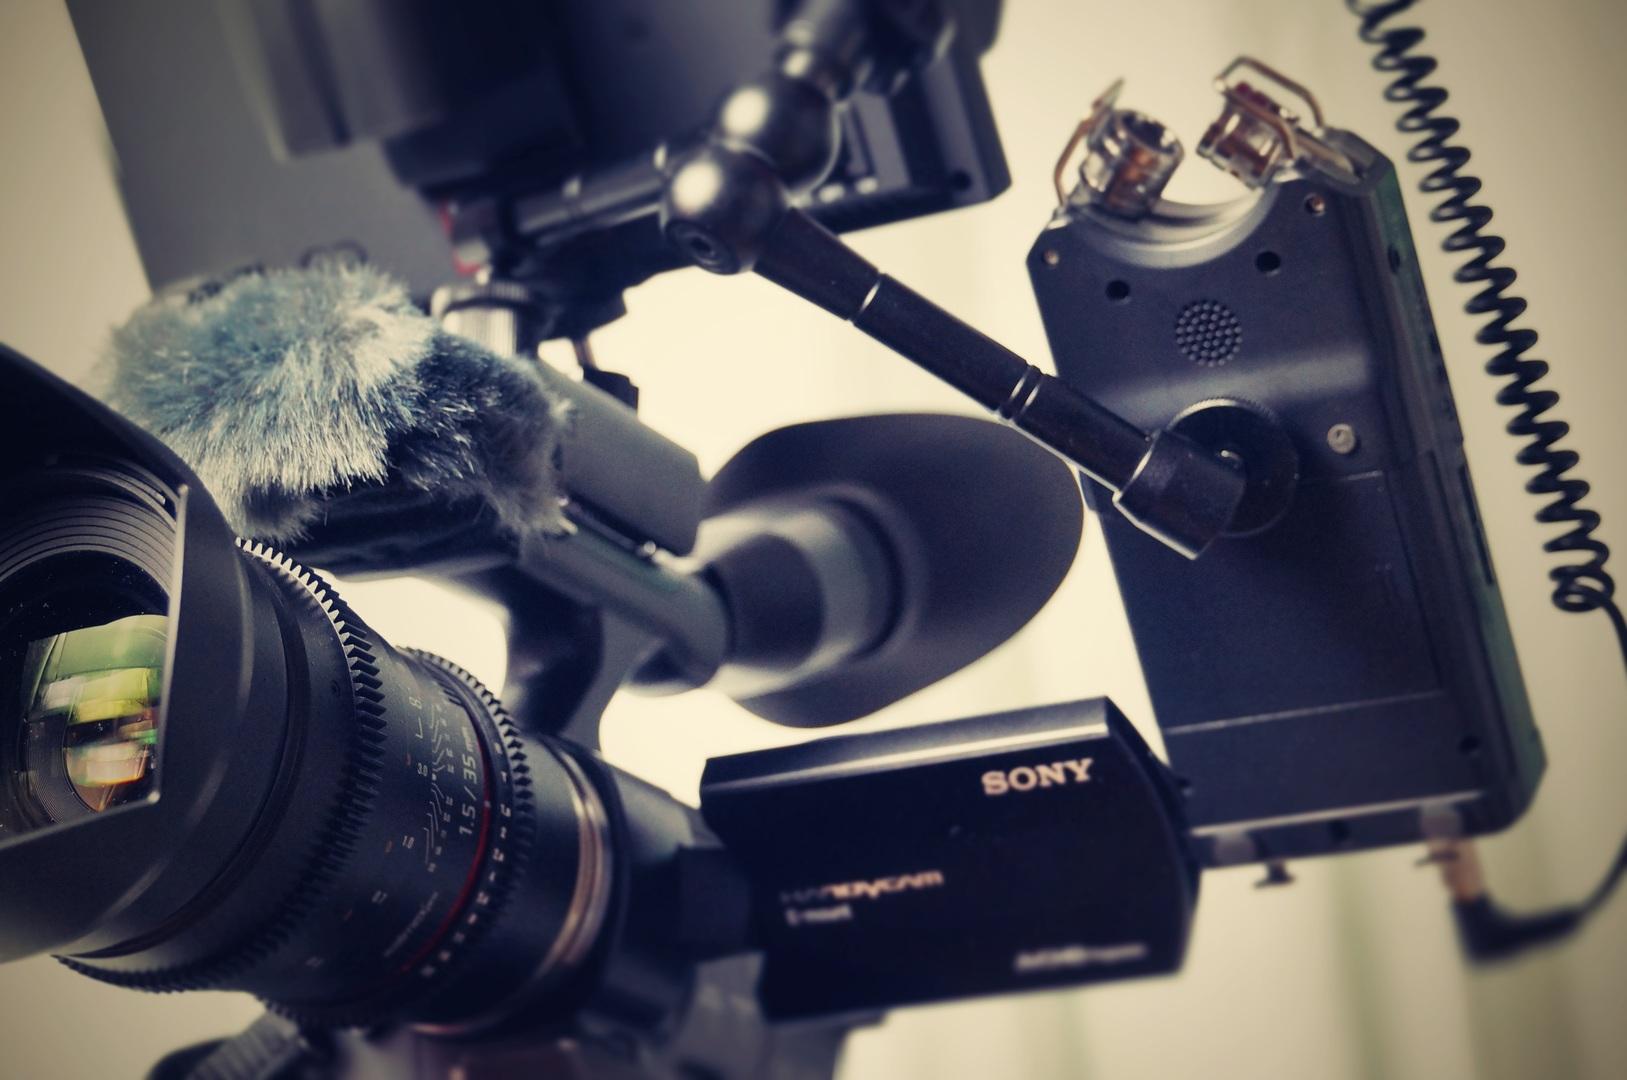 XDCAM camera with lens.